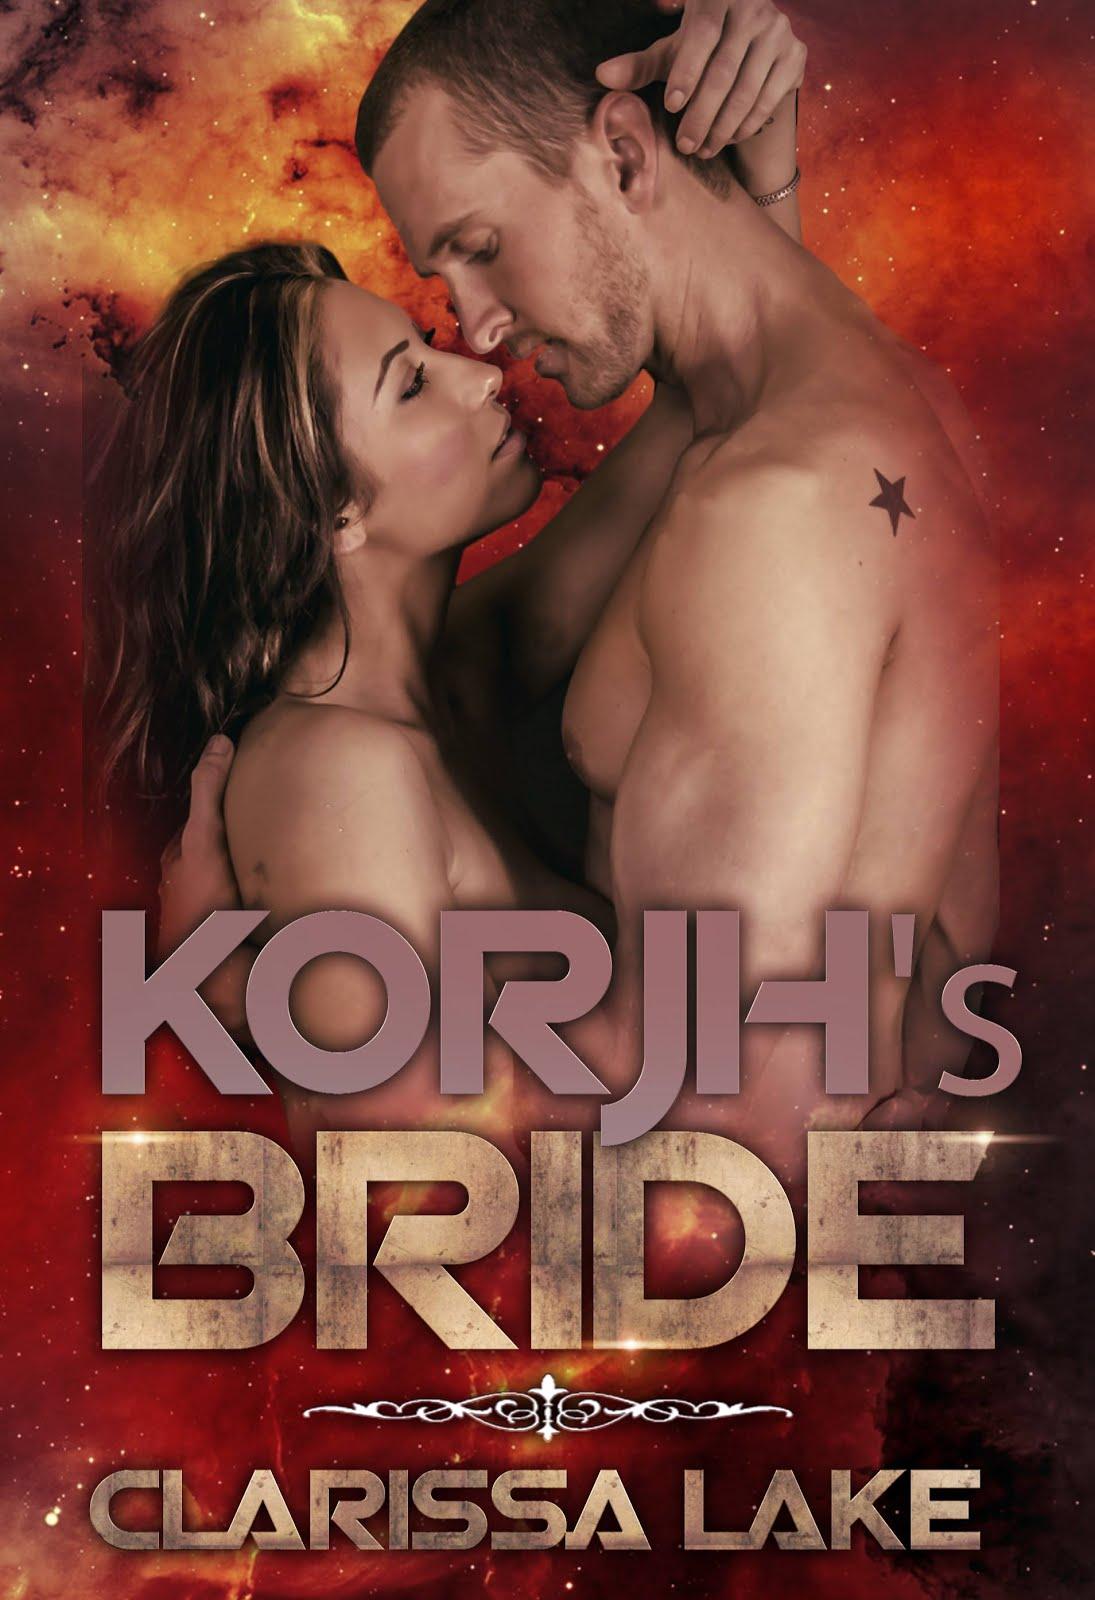 KORJH'S BRIDE